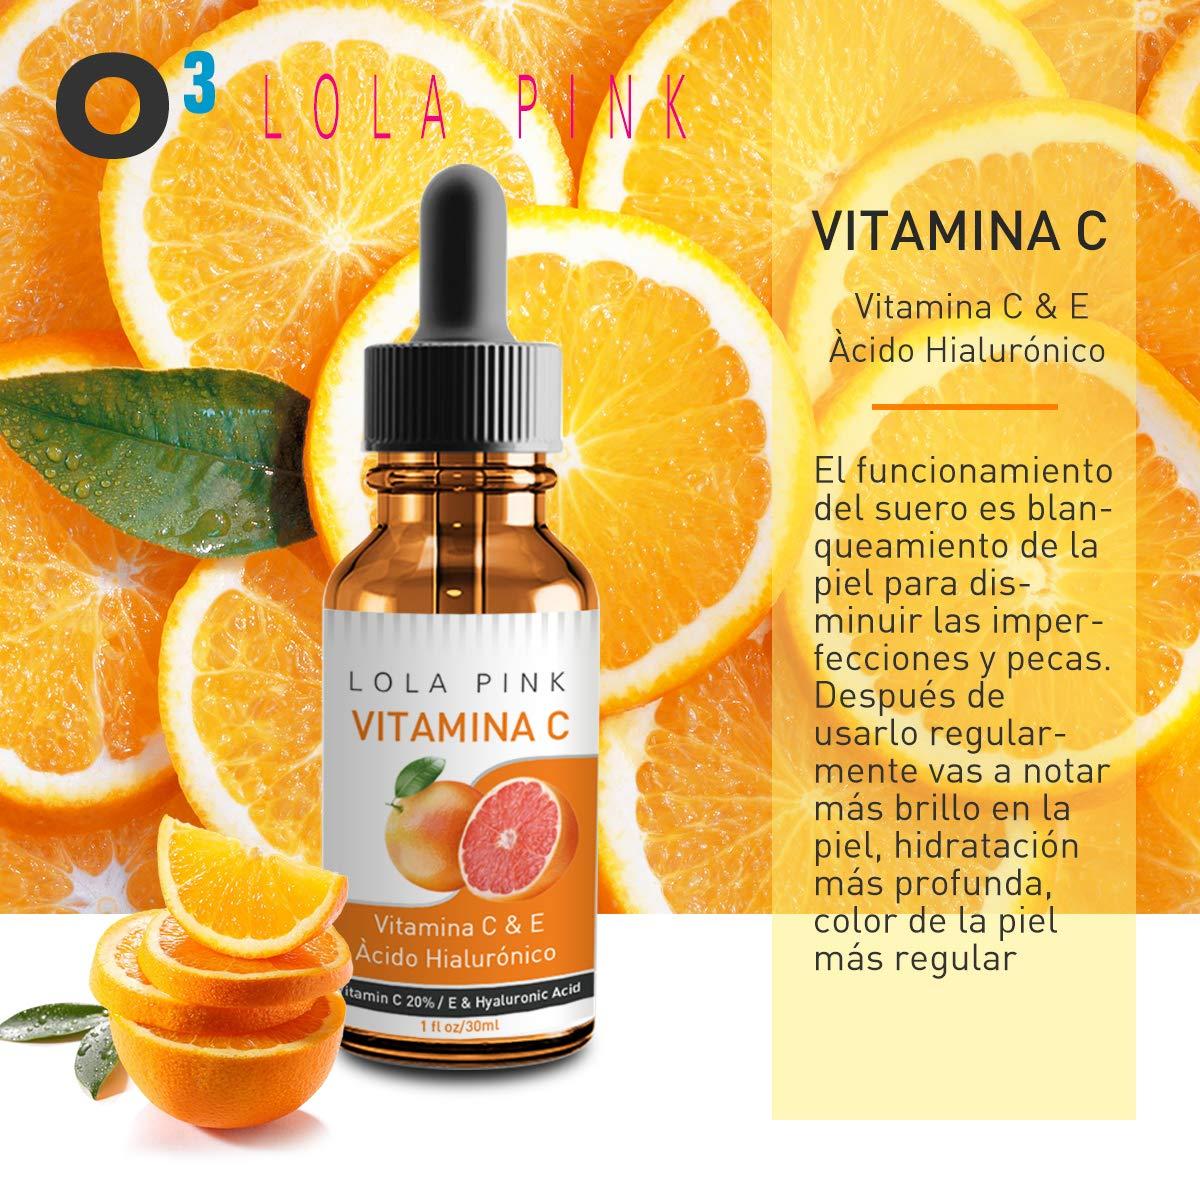 O³ Serum Vitamina C y Acido Hialuronico Lola Pink - 2 x 30 ml Con Copa Masaje Para La Cara De Silicona De Regalo | Serum Facial Vitamina C y Ácido ...